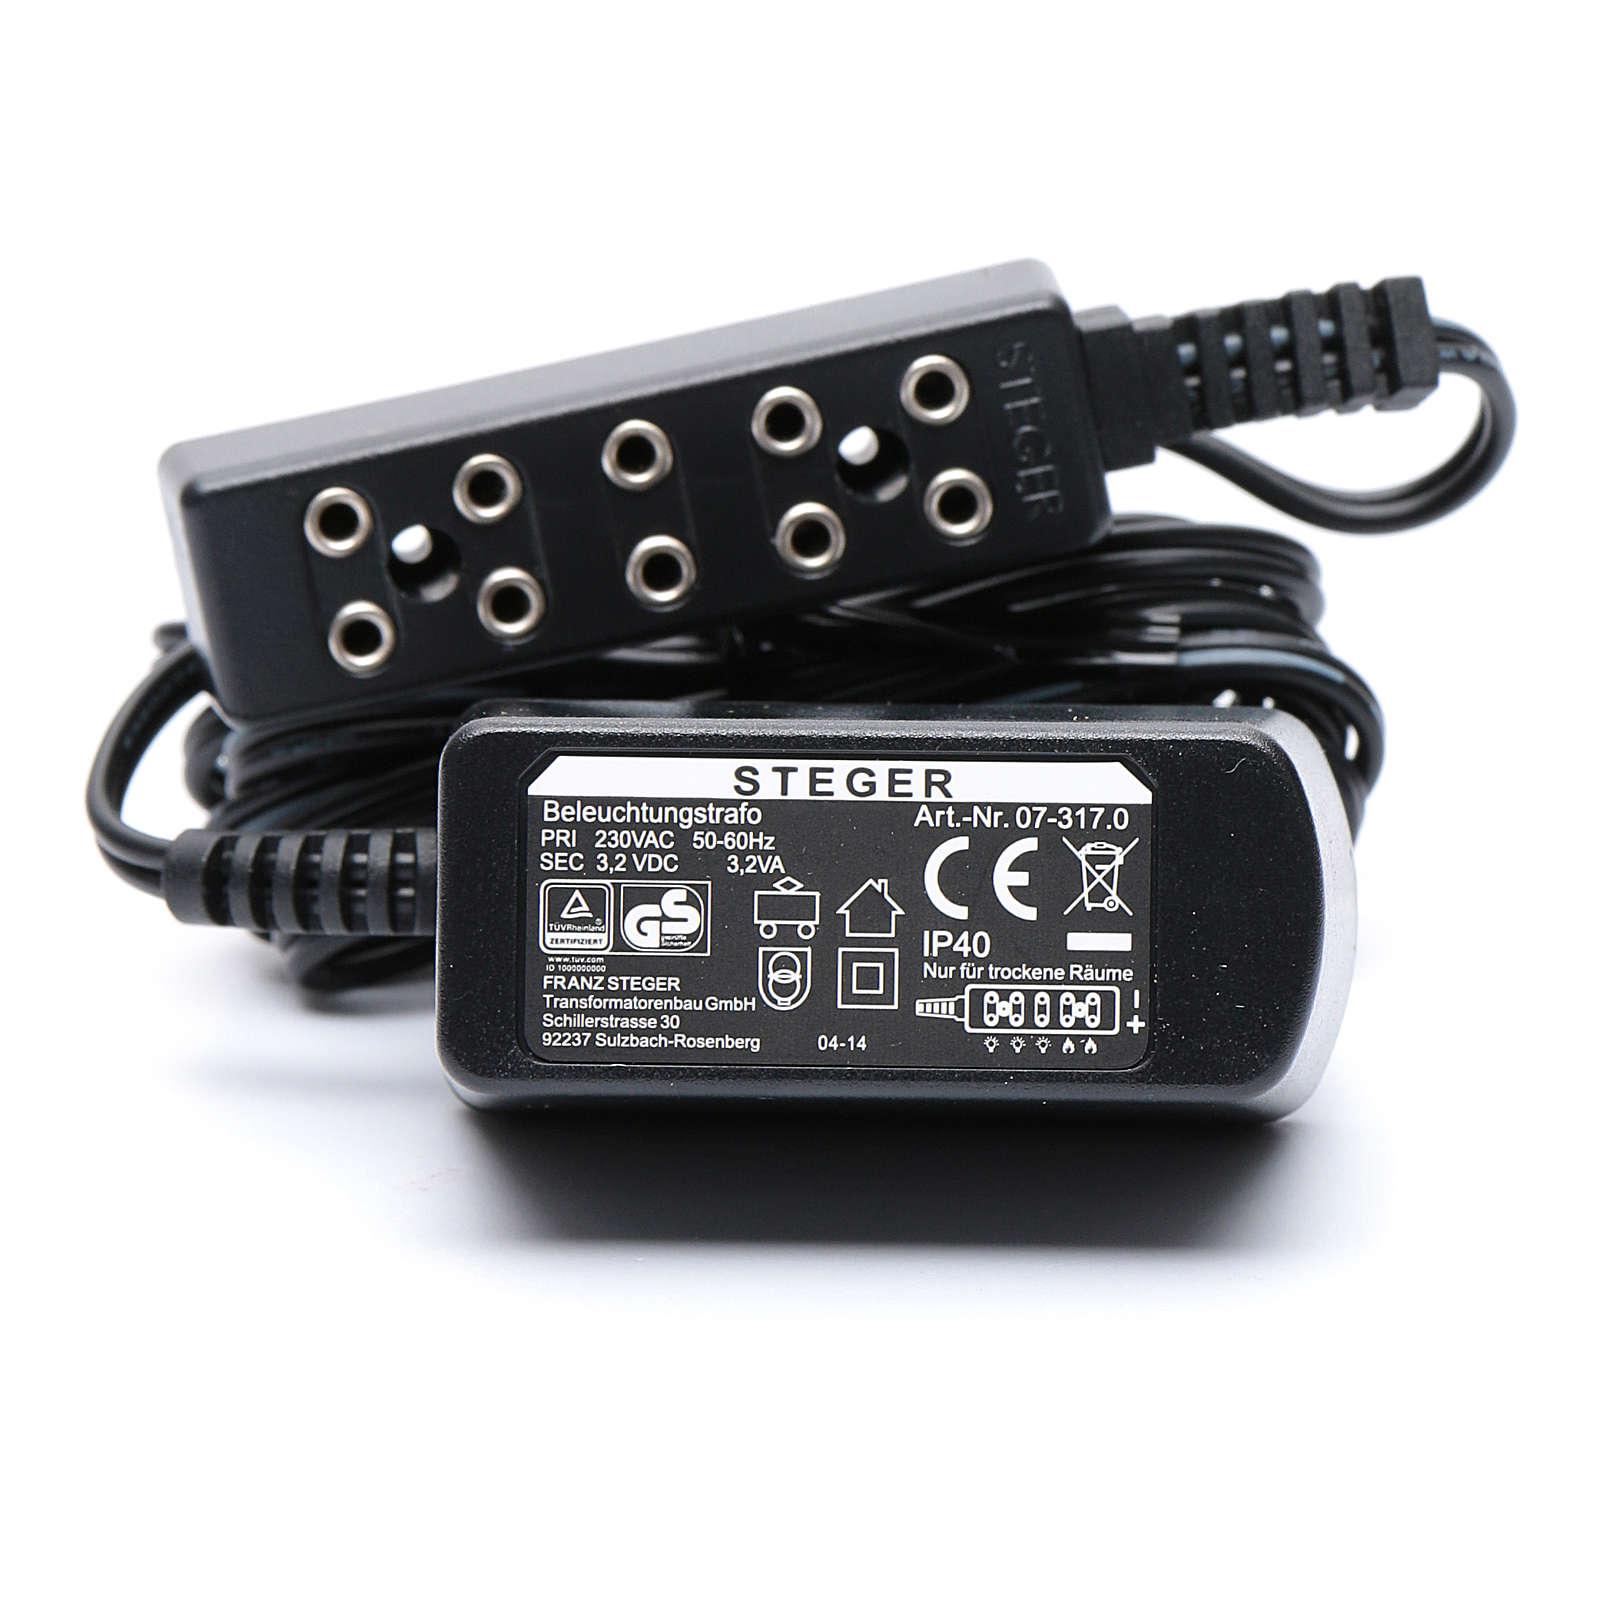 Trasformatore per illuminazione 230V - 3,2V 4